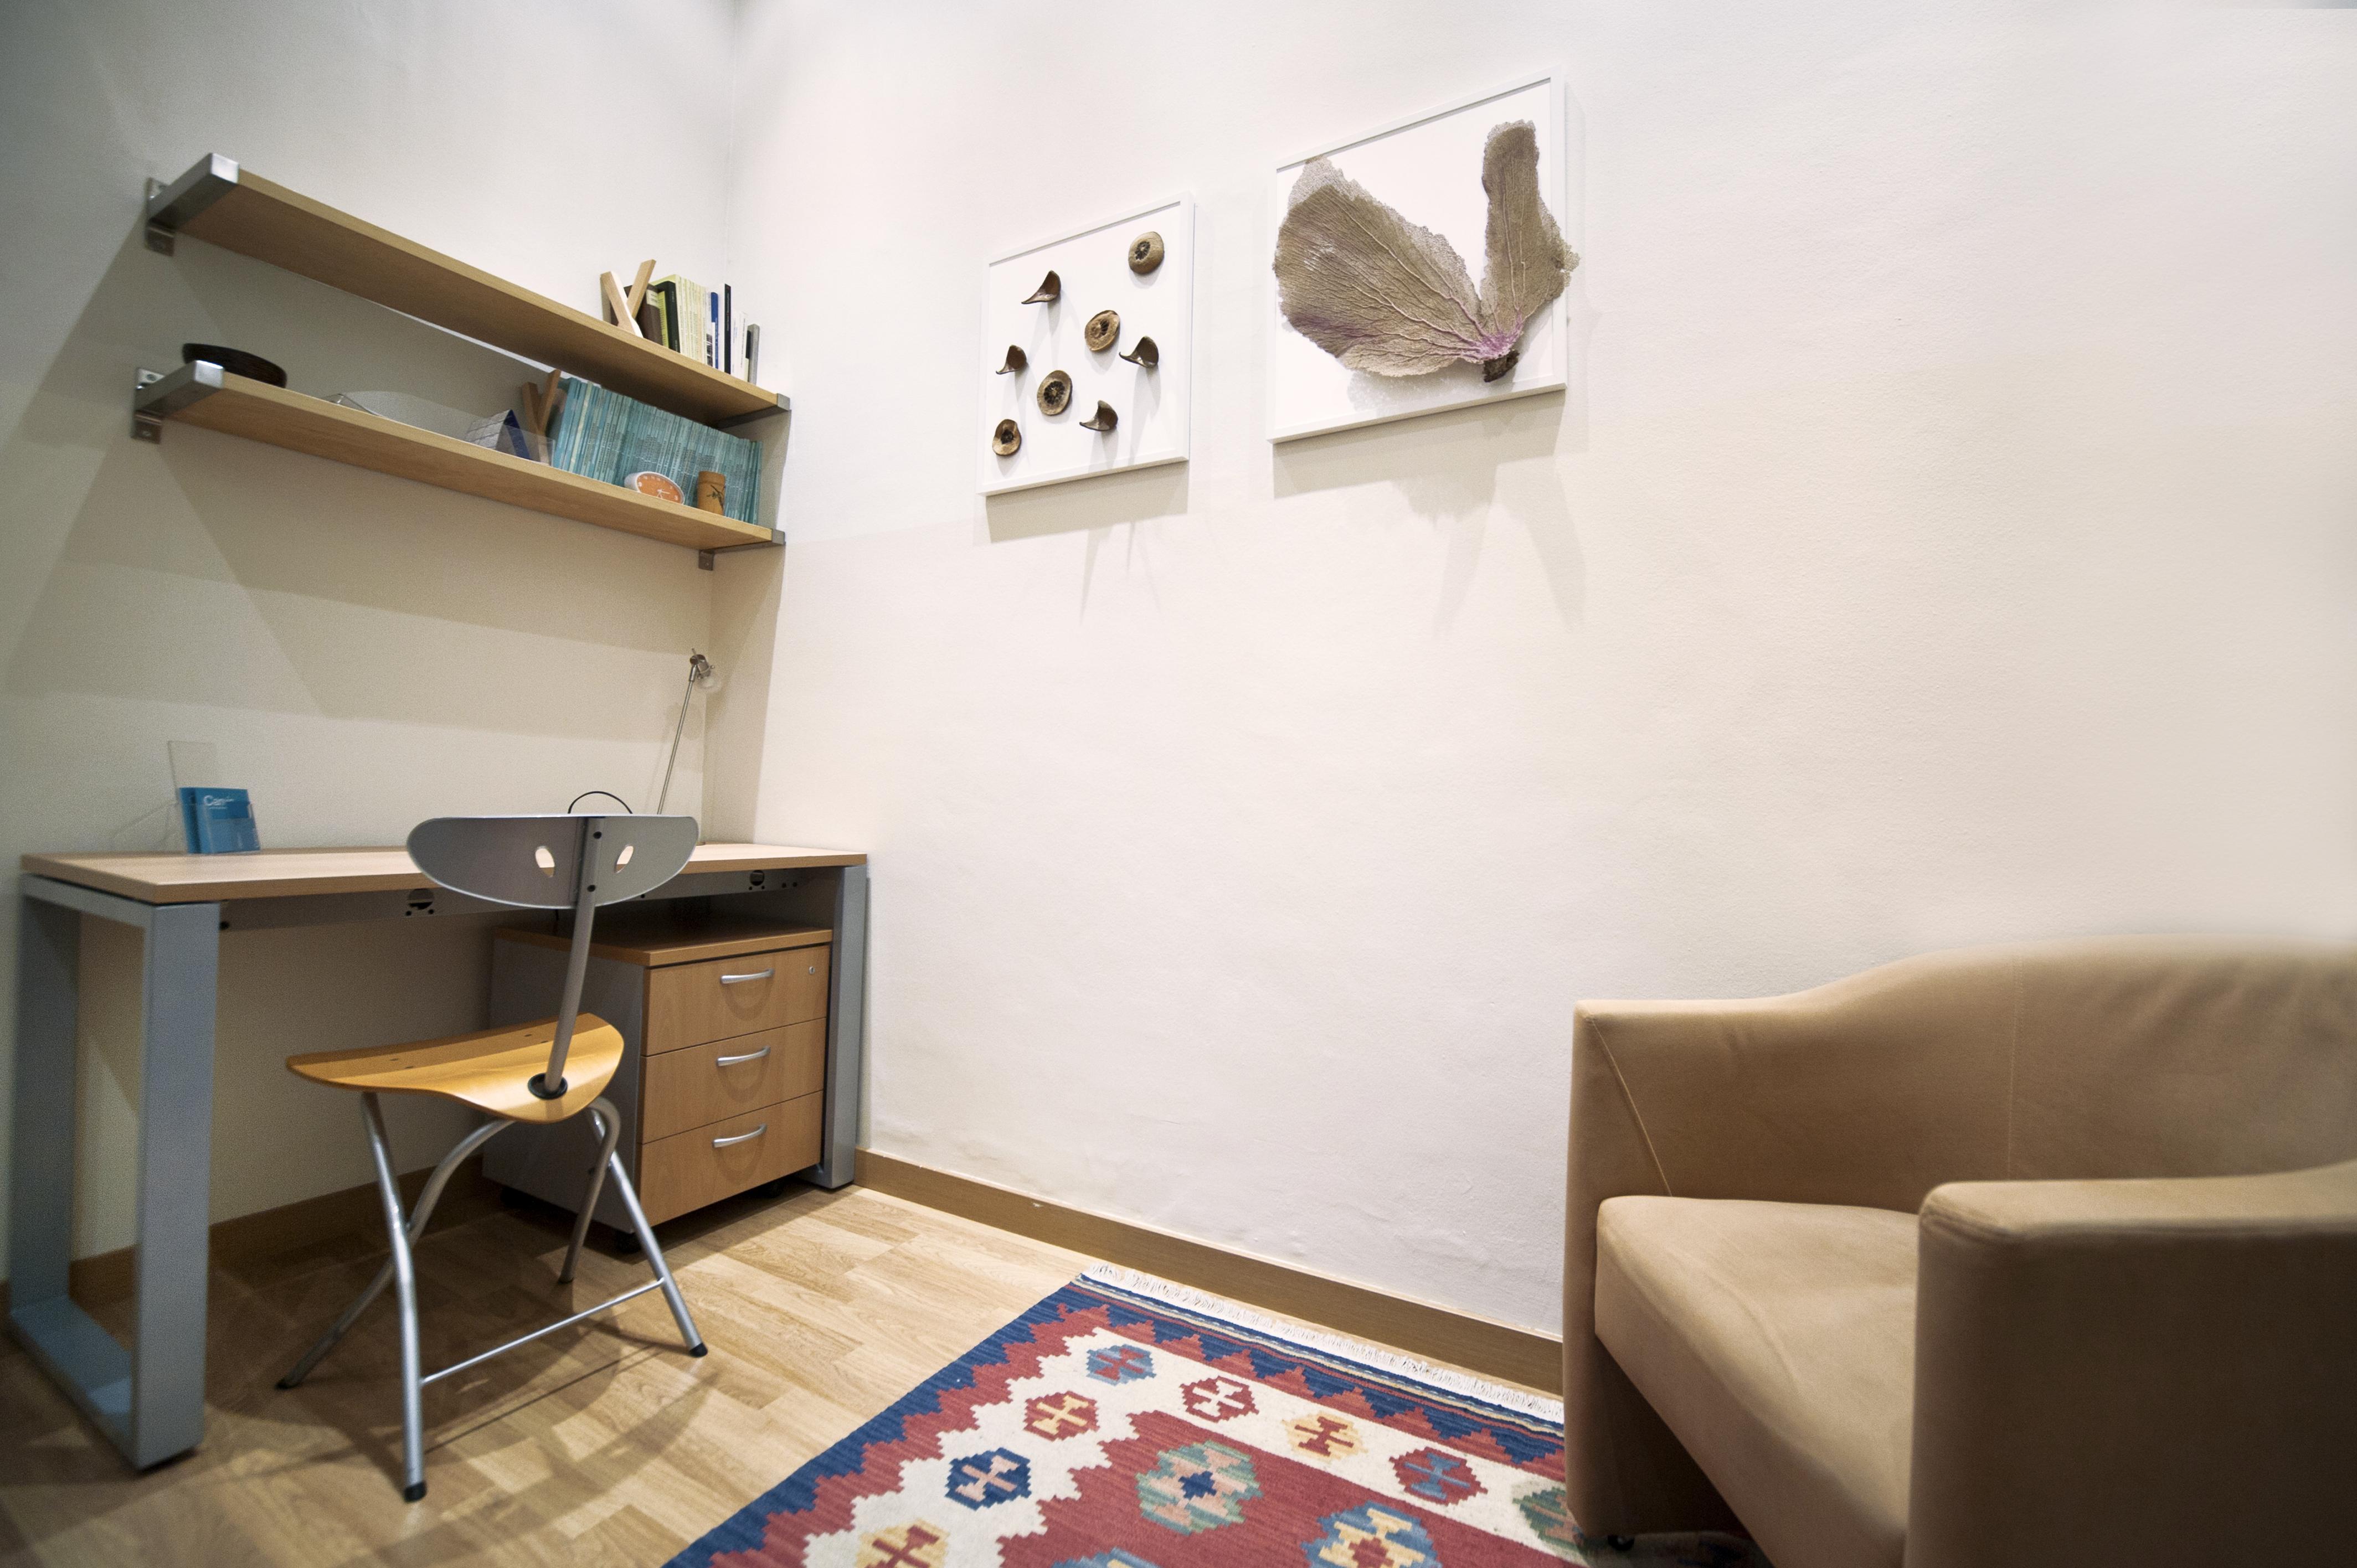 Terapia psicológica en el centro de psicología Canvis en Barcelona